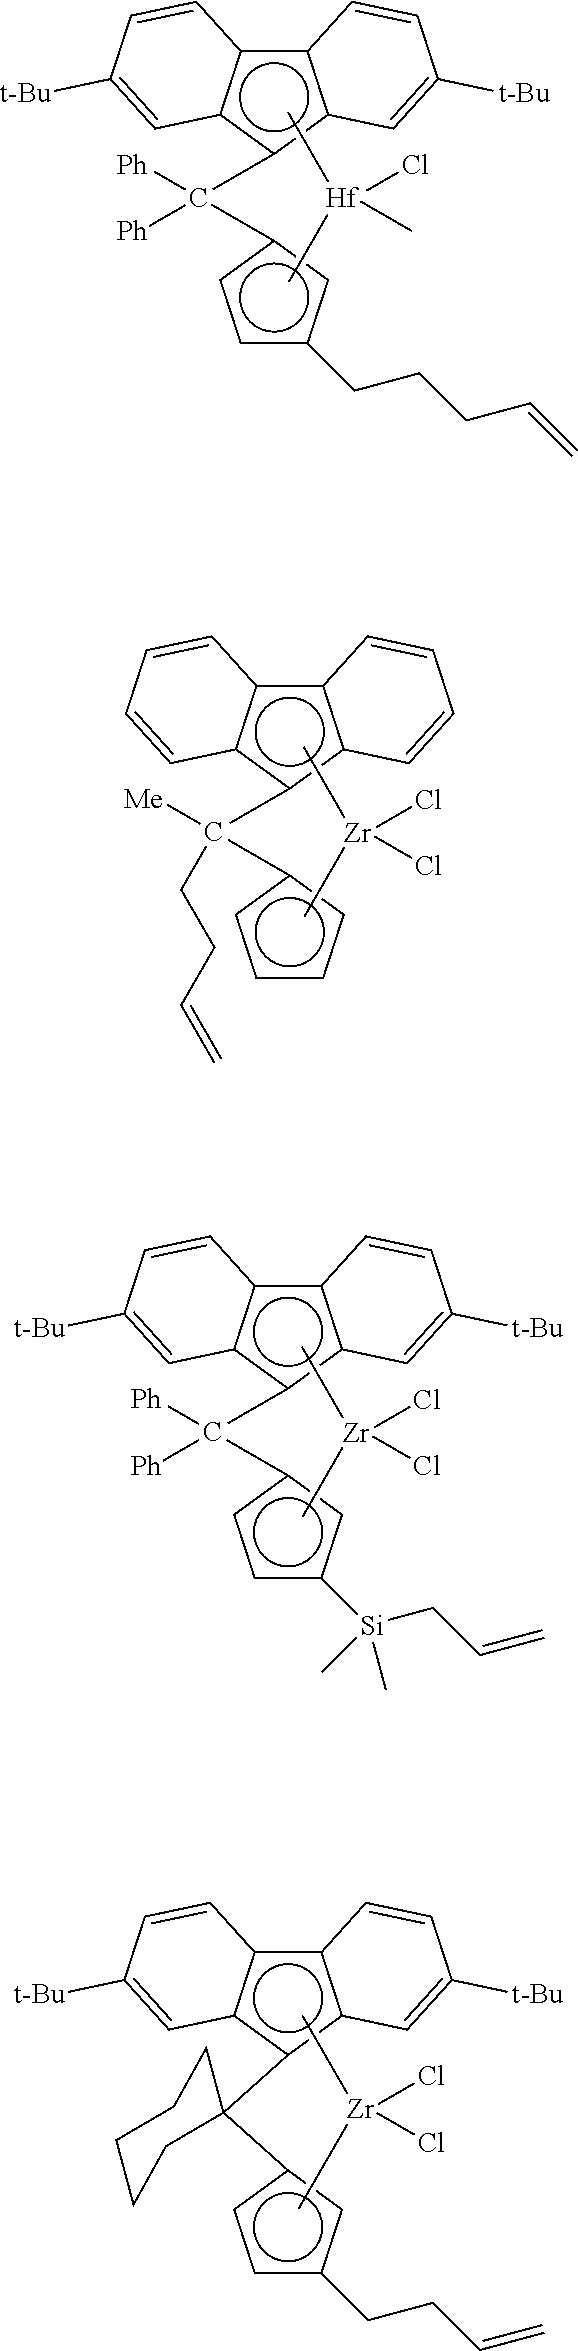 Figure US09574031-20170221-C00009